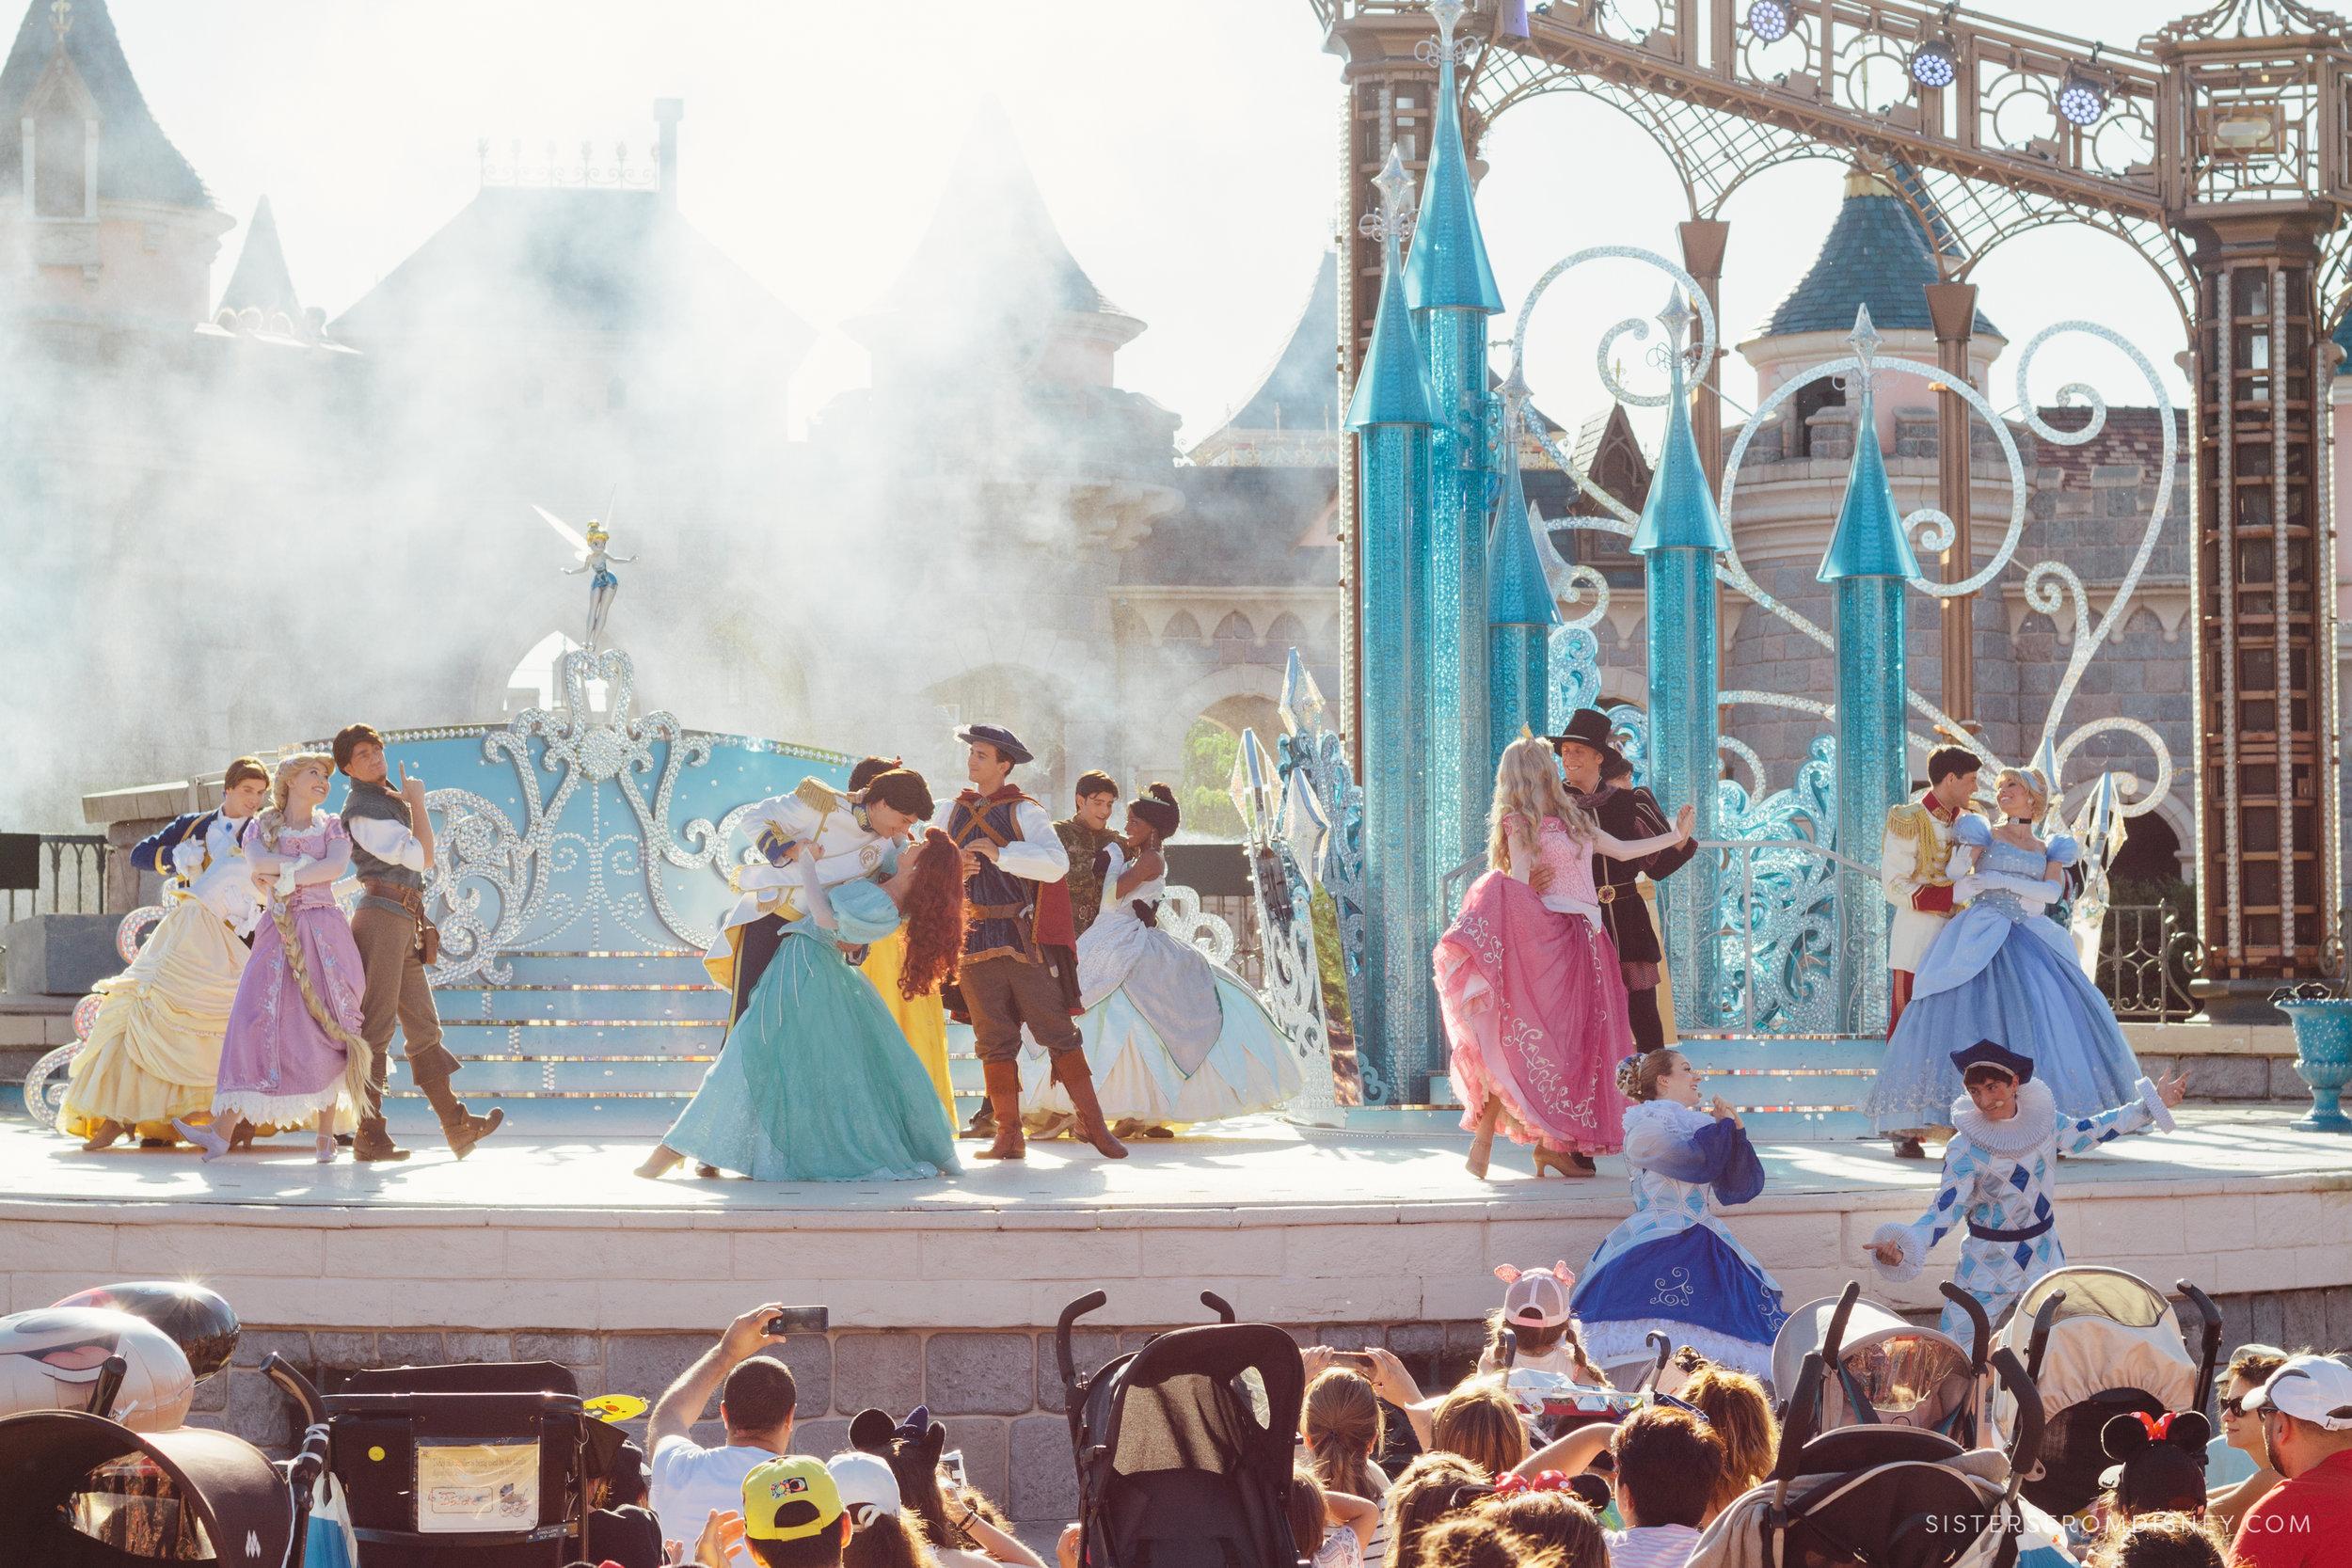 2018June_SFDblog_DisneylandParis_Watermark-3795.jpg